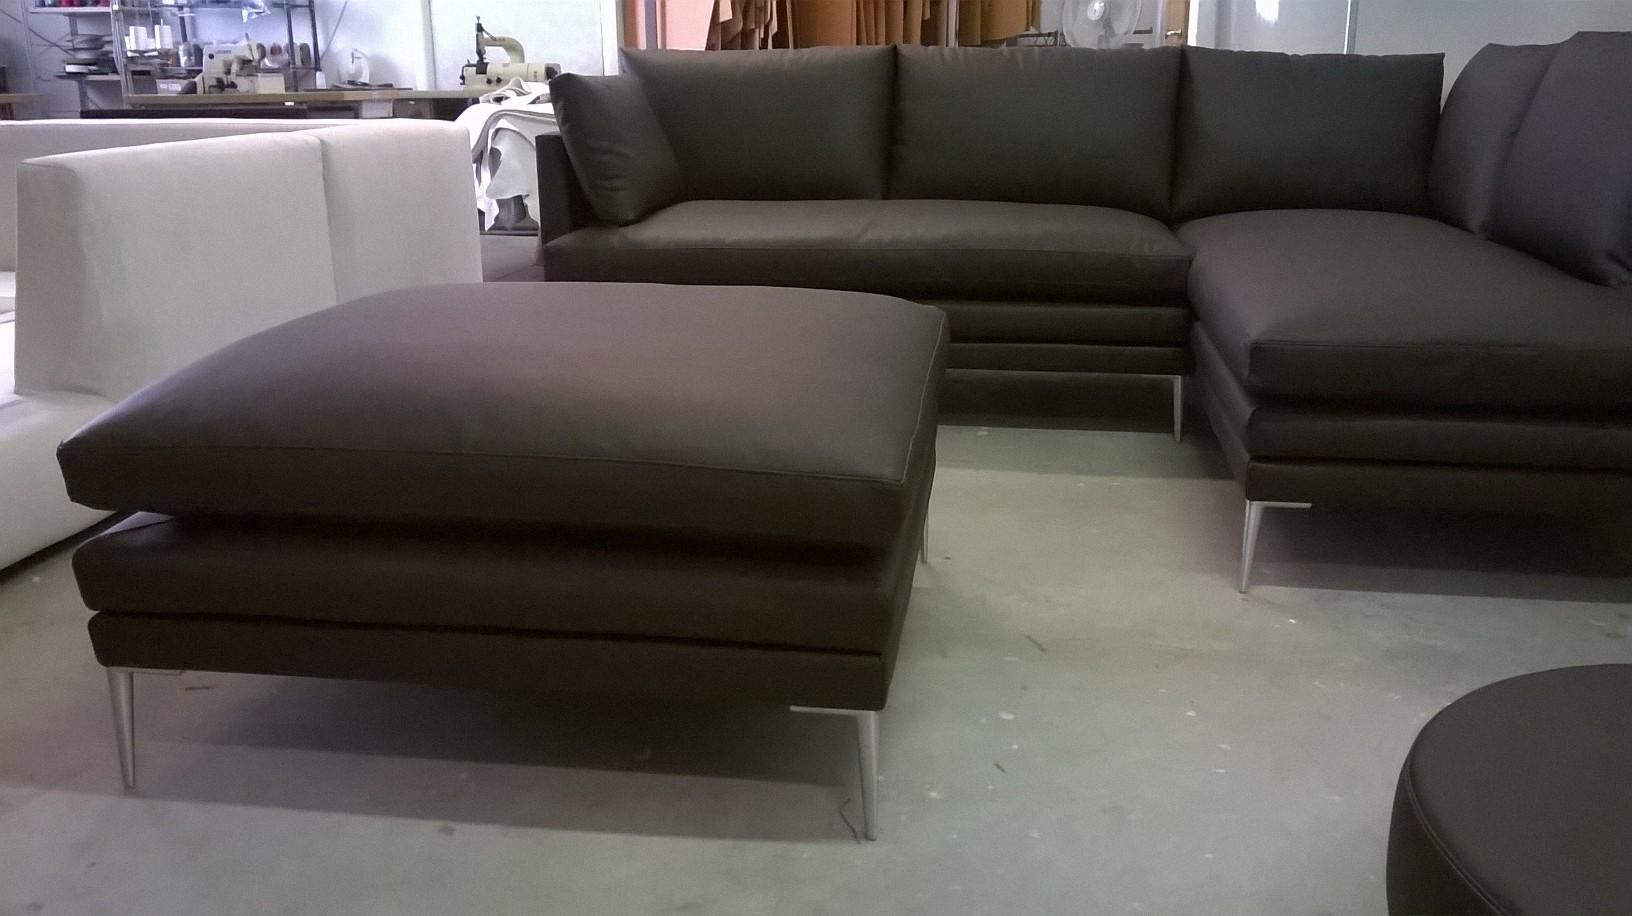 Divano angolare mod williams 50 divani a prezzi scontati - Divano angolare ...